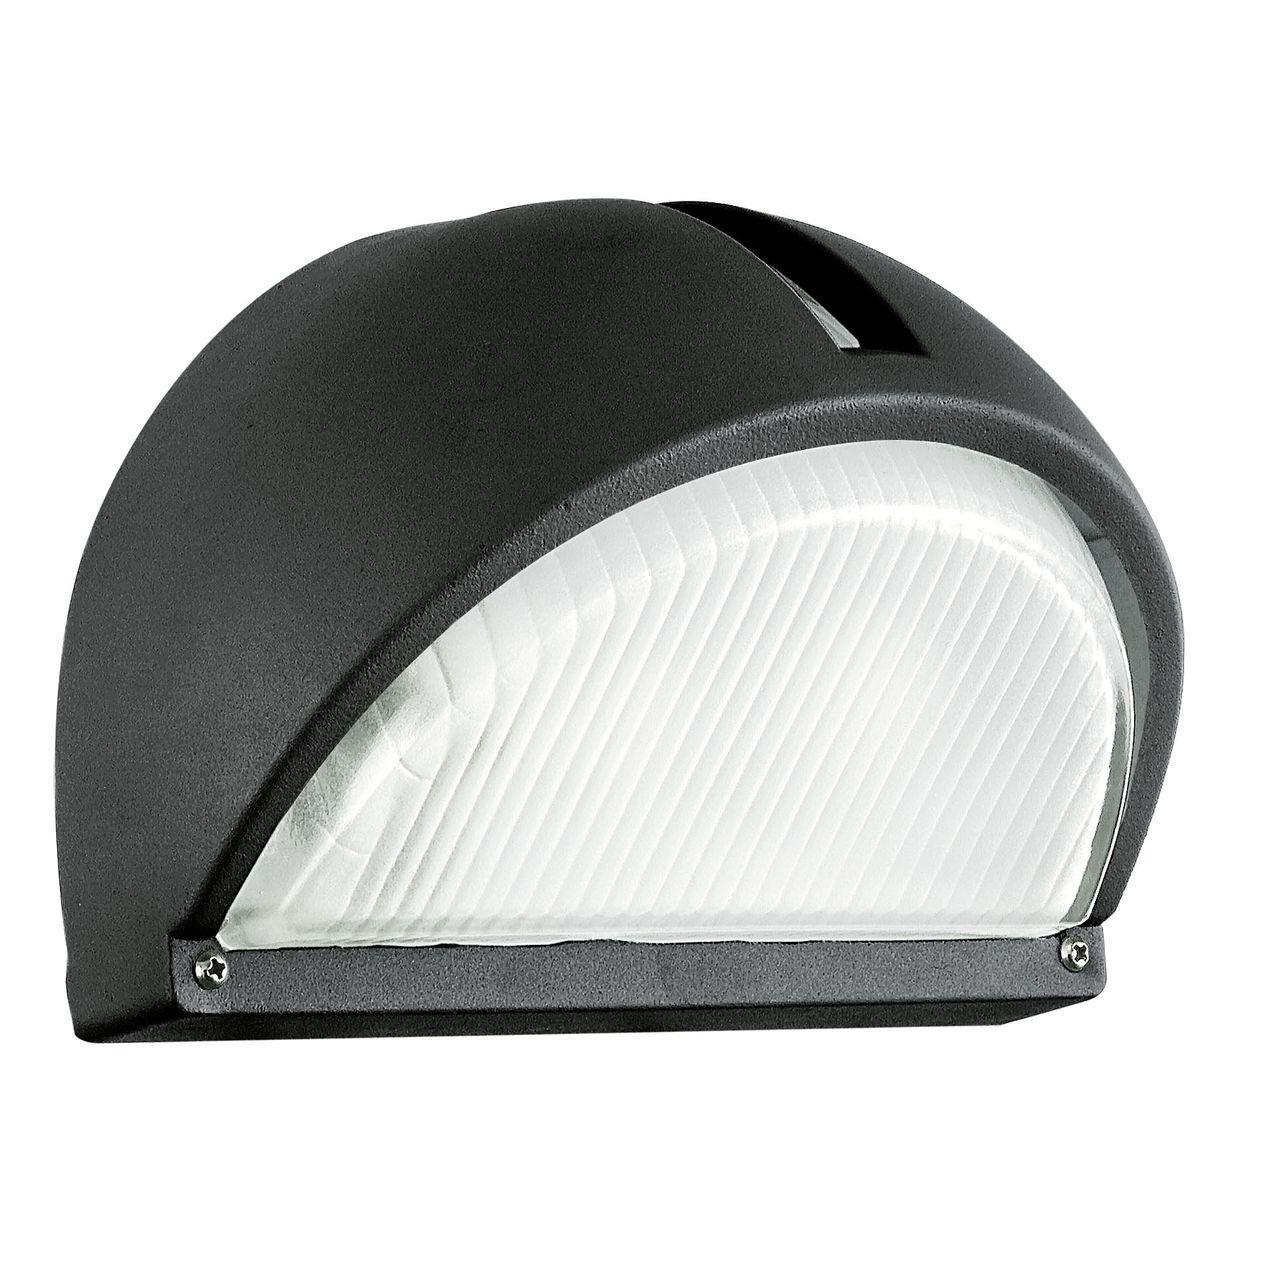 Уличный настенный светильник Eglo Onja 89767 eglo 89767